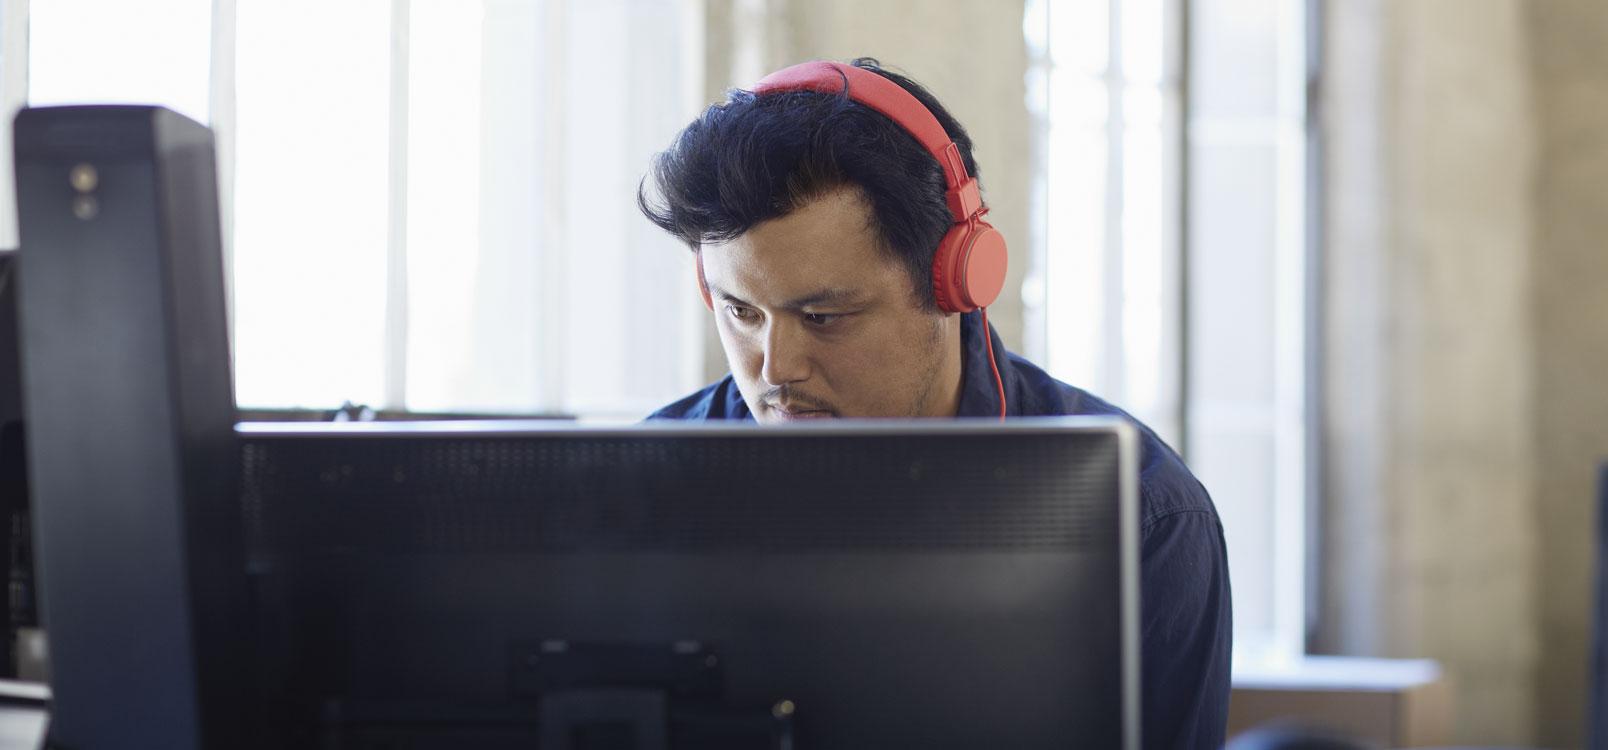 Egy fejhallgatót viselő férfi asztali PC-n Office 365-öt használ az informatikai rendszer egyszerűsítéséhez